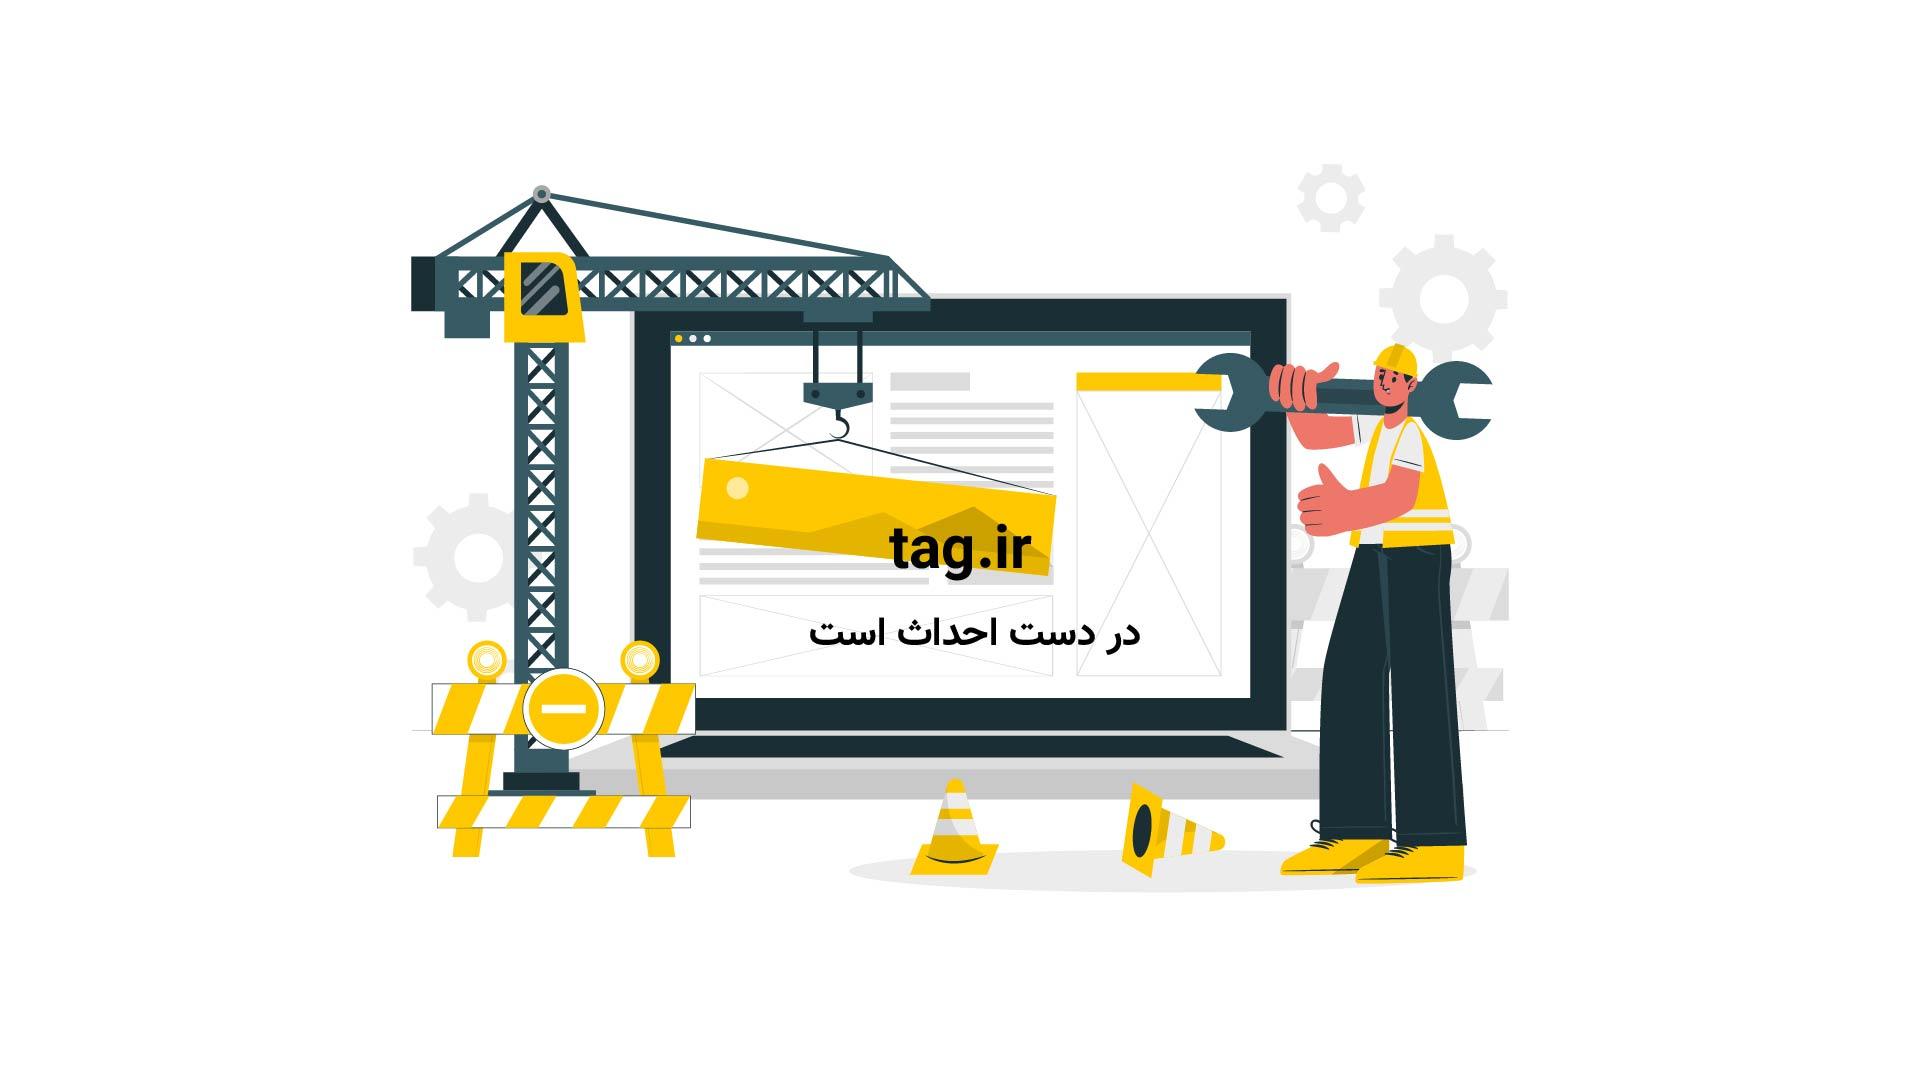 تکنیک نقاشی با آبرنگ؛ آموزش کشیدن آسمان شب | فیلم